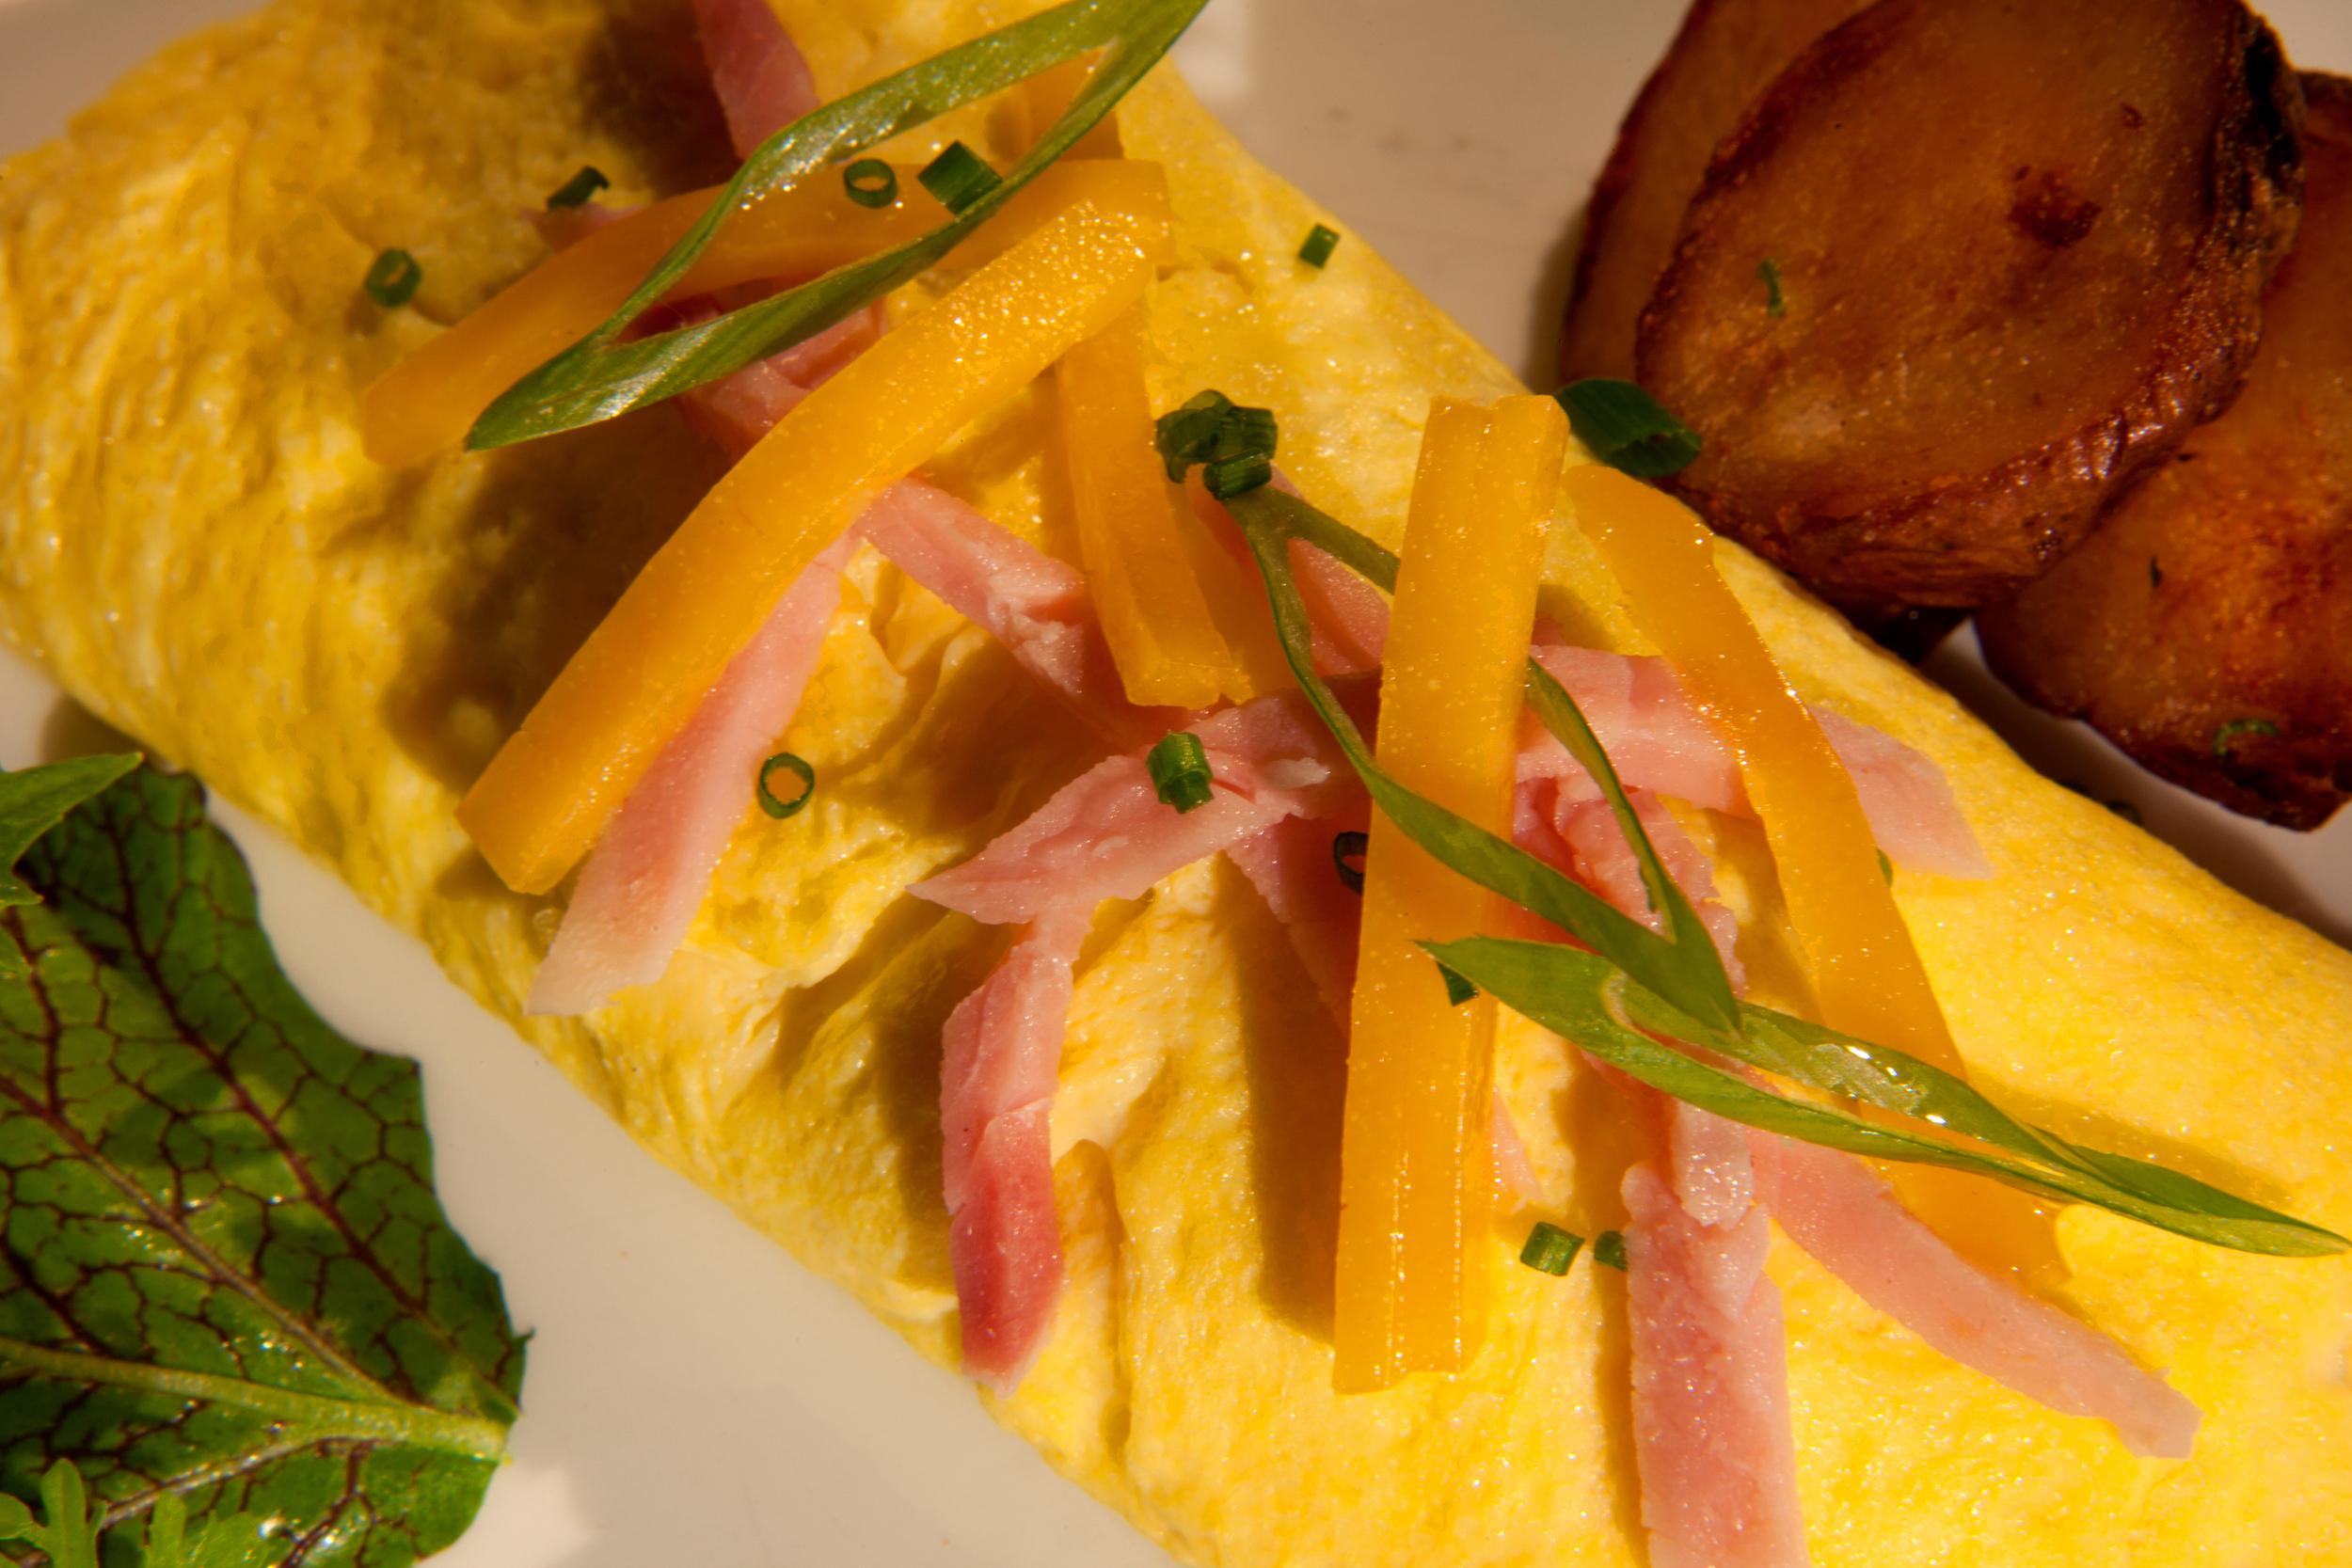 h5o_omelette.jpg